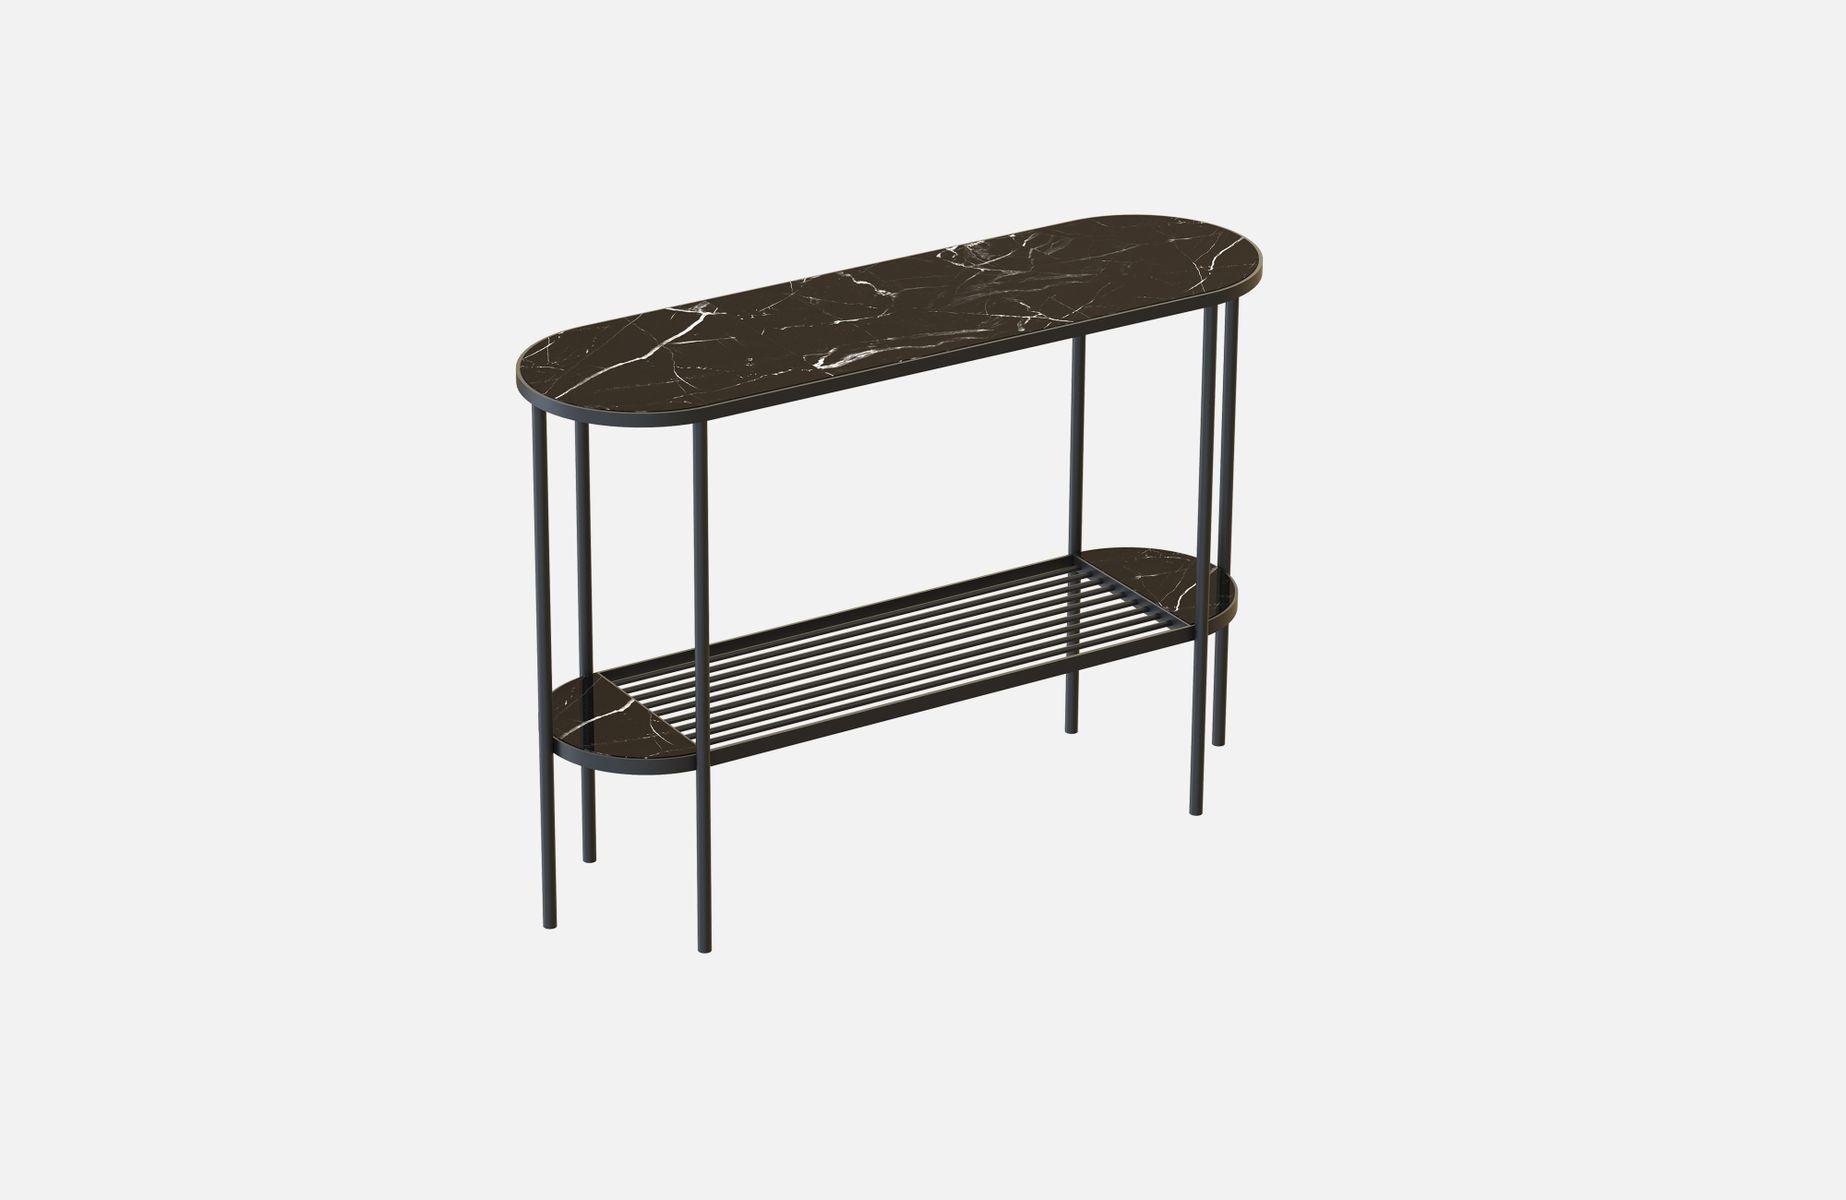 schwarzer touch konsolentisch mit schwarzer tischplatte aus marmor von alex baser f r miist bei. Black Bedroom Furniture Sets. Home Design Ideas